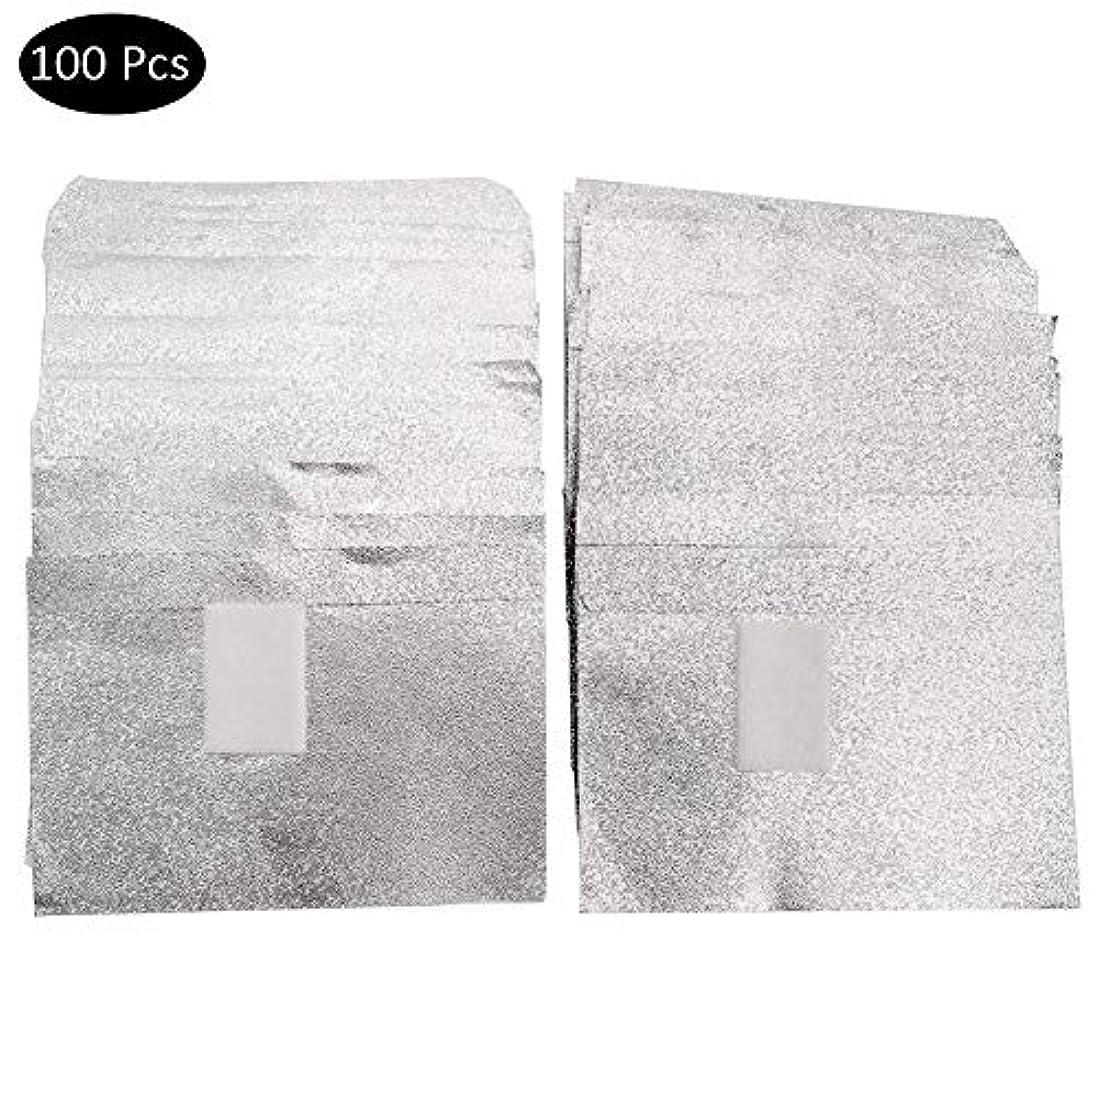 歌手もっともらしいストライドSILUN ネイルリムーバー錫箔ネイルポリッシュットン付きアルミホイル ジェル除却 使い捨て 爪マニキュア用品100枚入り使い捨て コットン付きアルミホイル ネイル用品 マニキュア用品